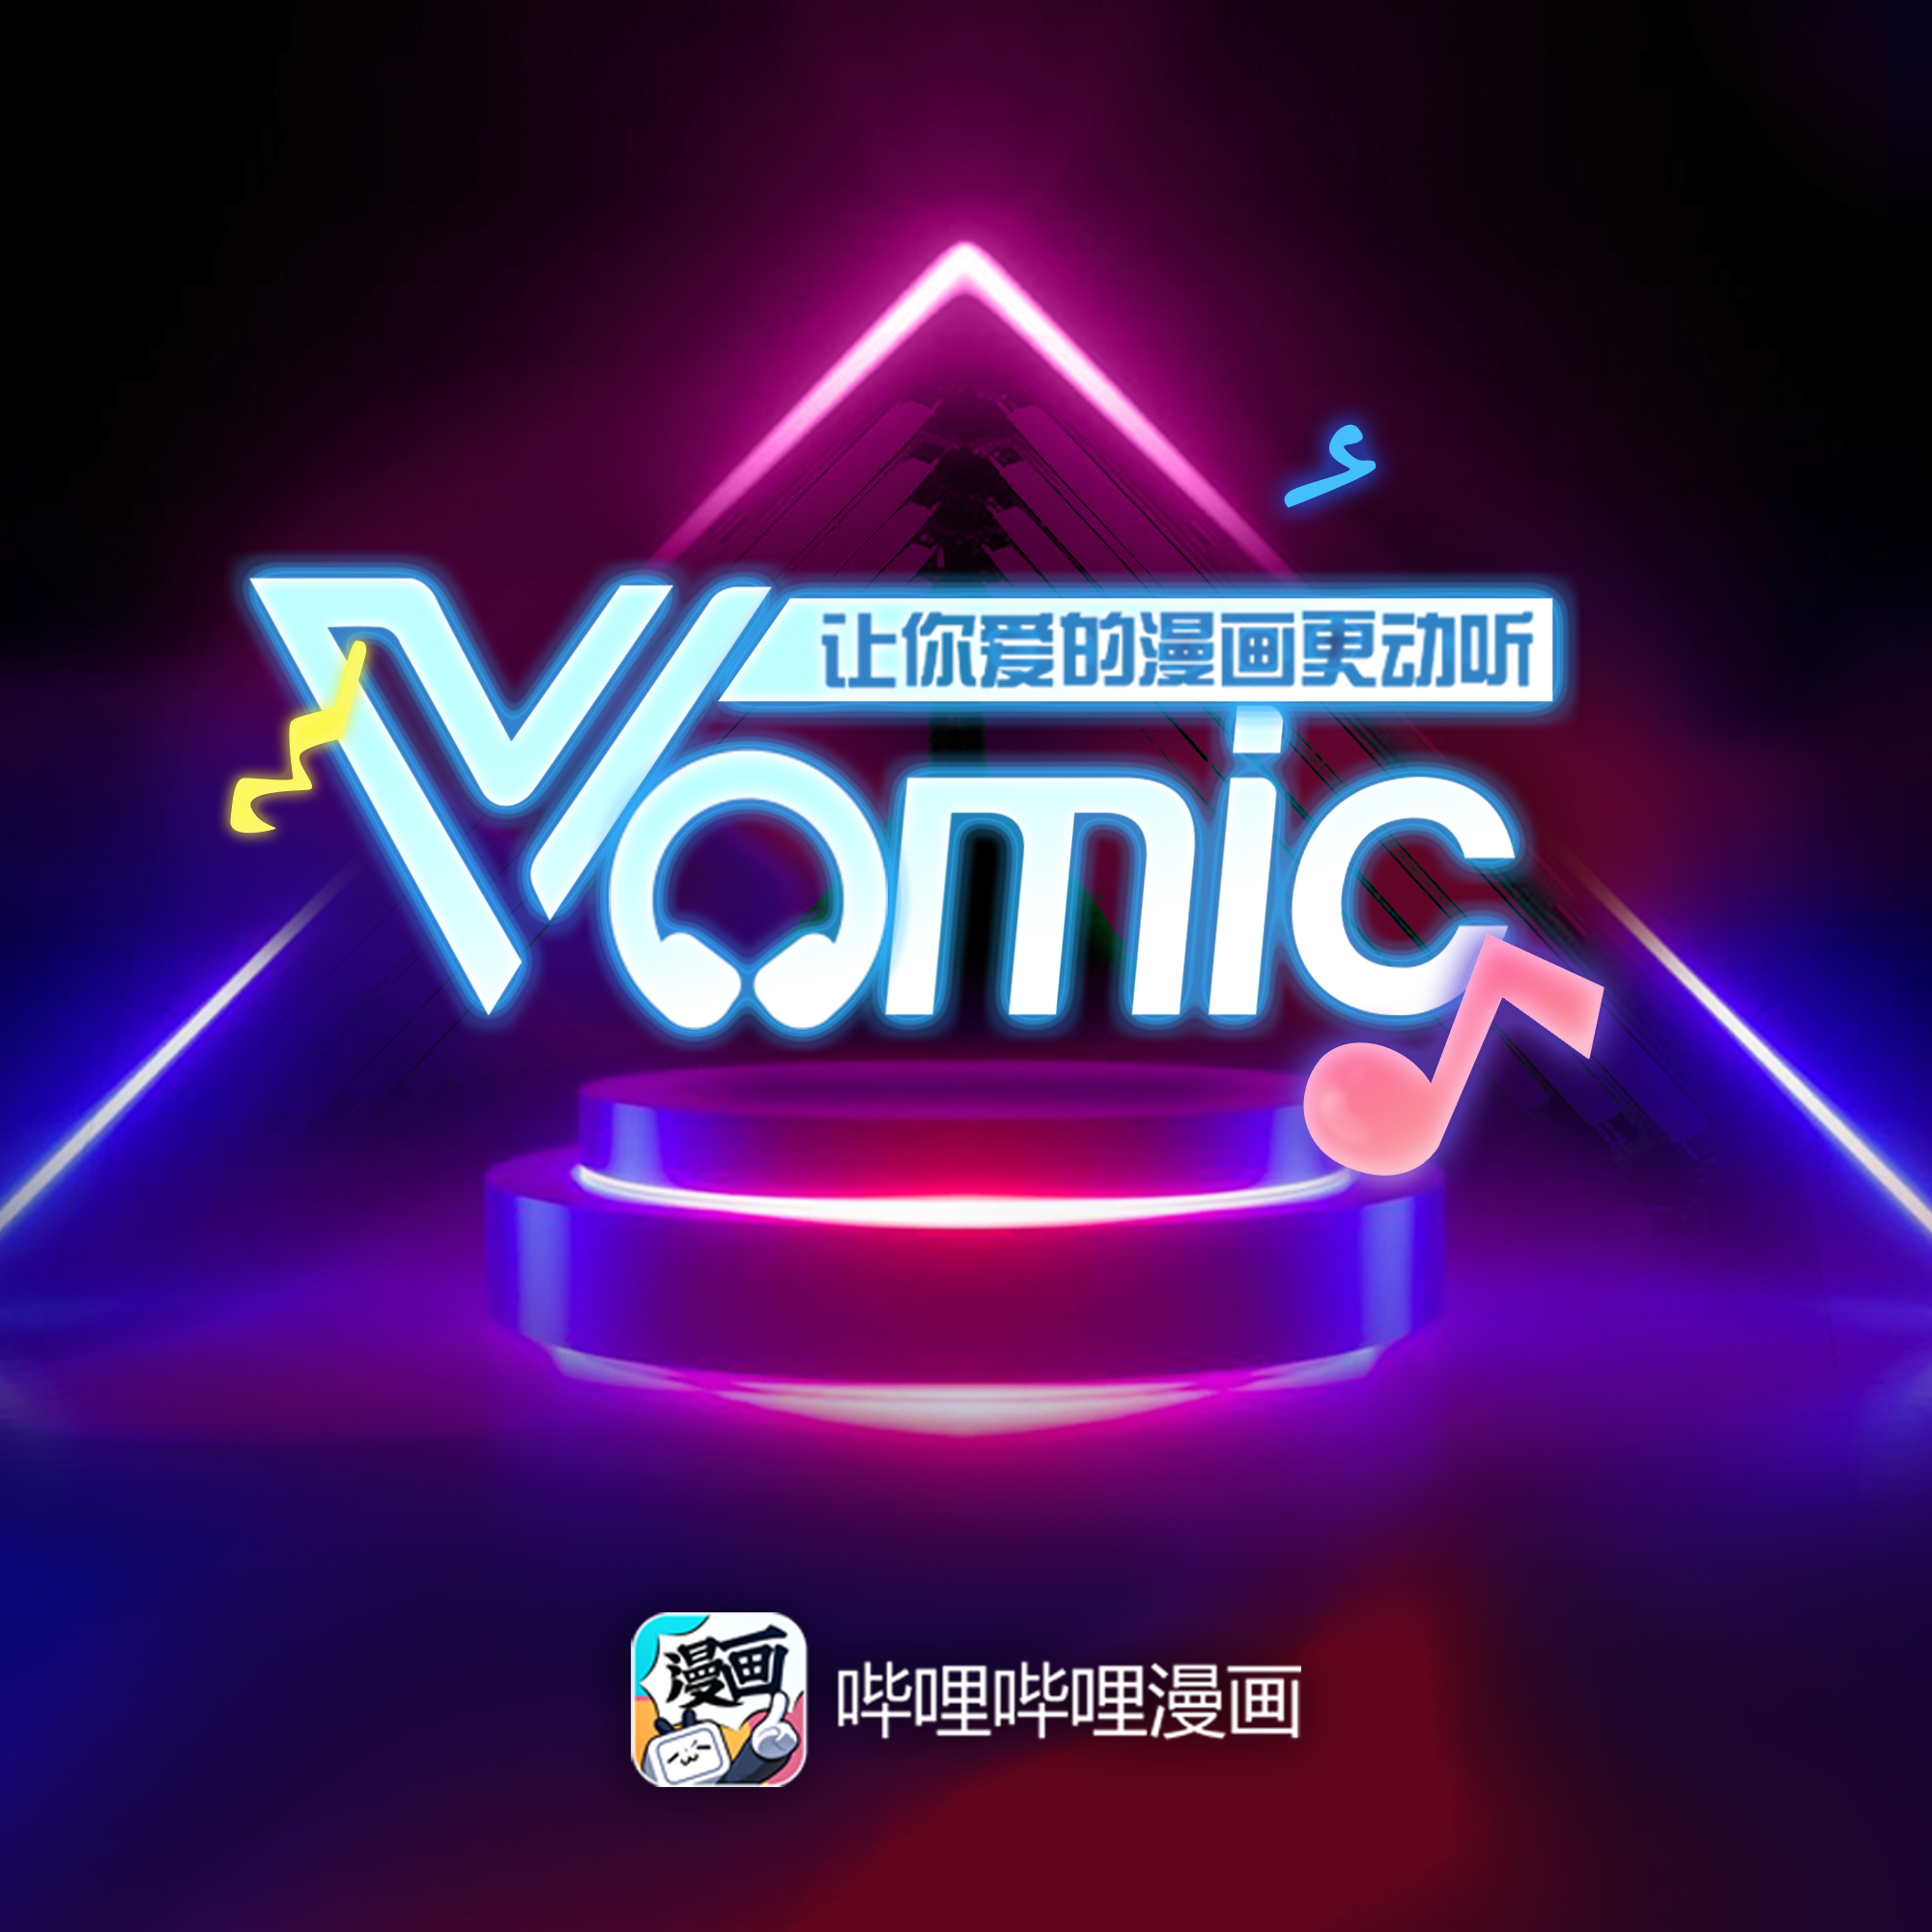 哔哩哔哩漫画Vomic原声带 第二季